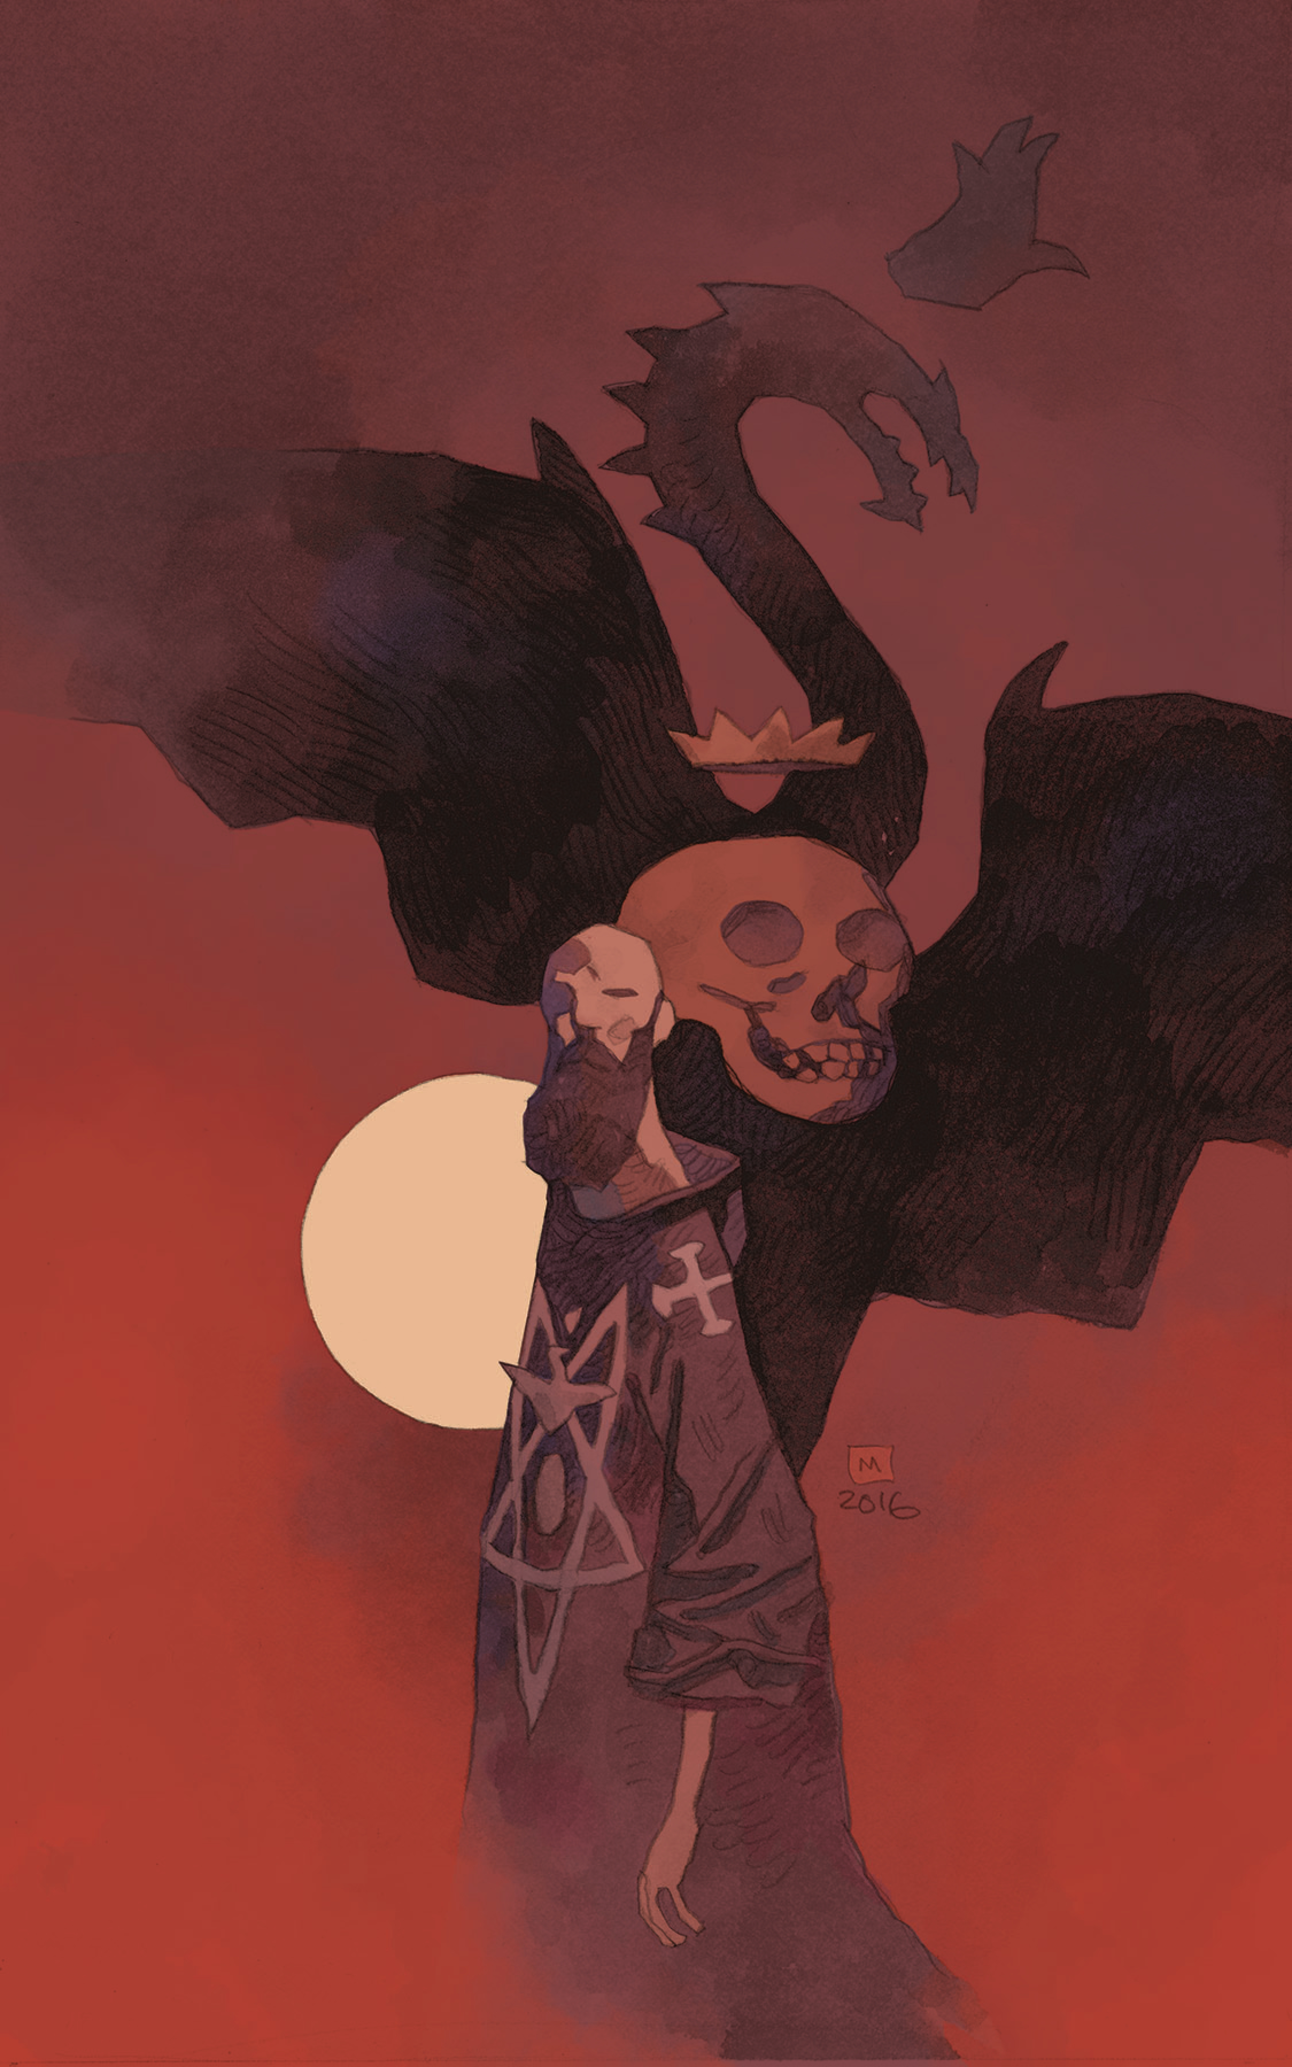 rasputin_voice_dragon_1.png